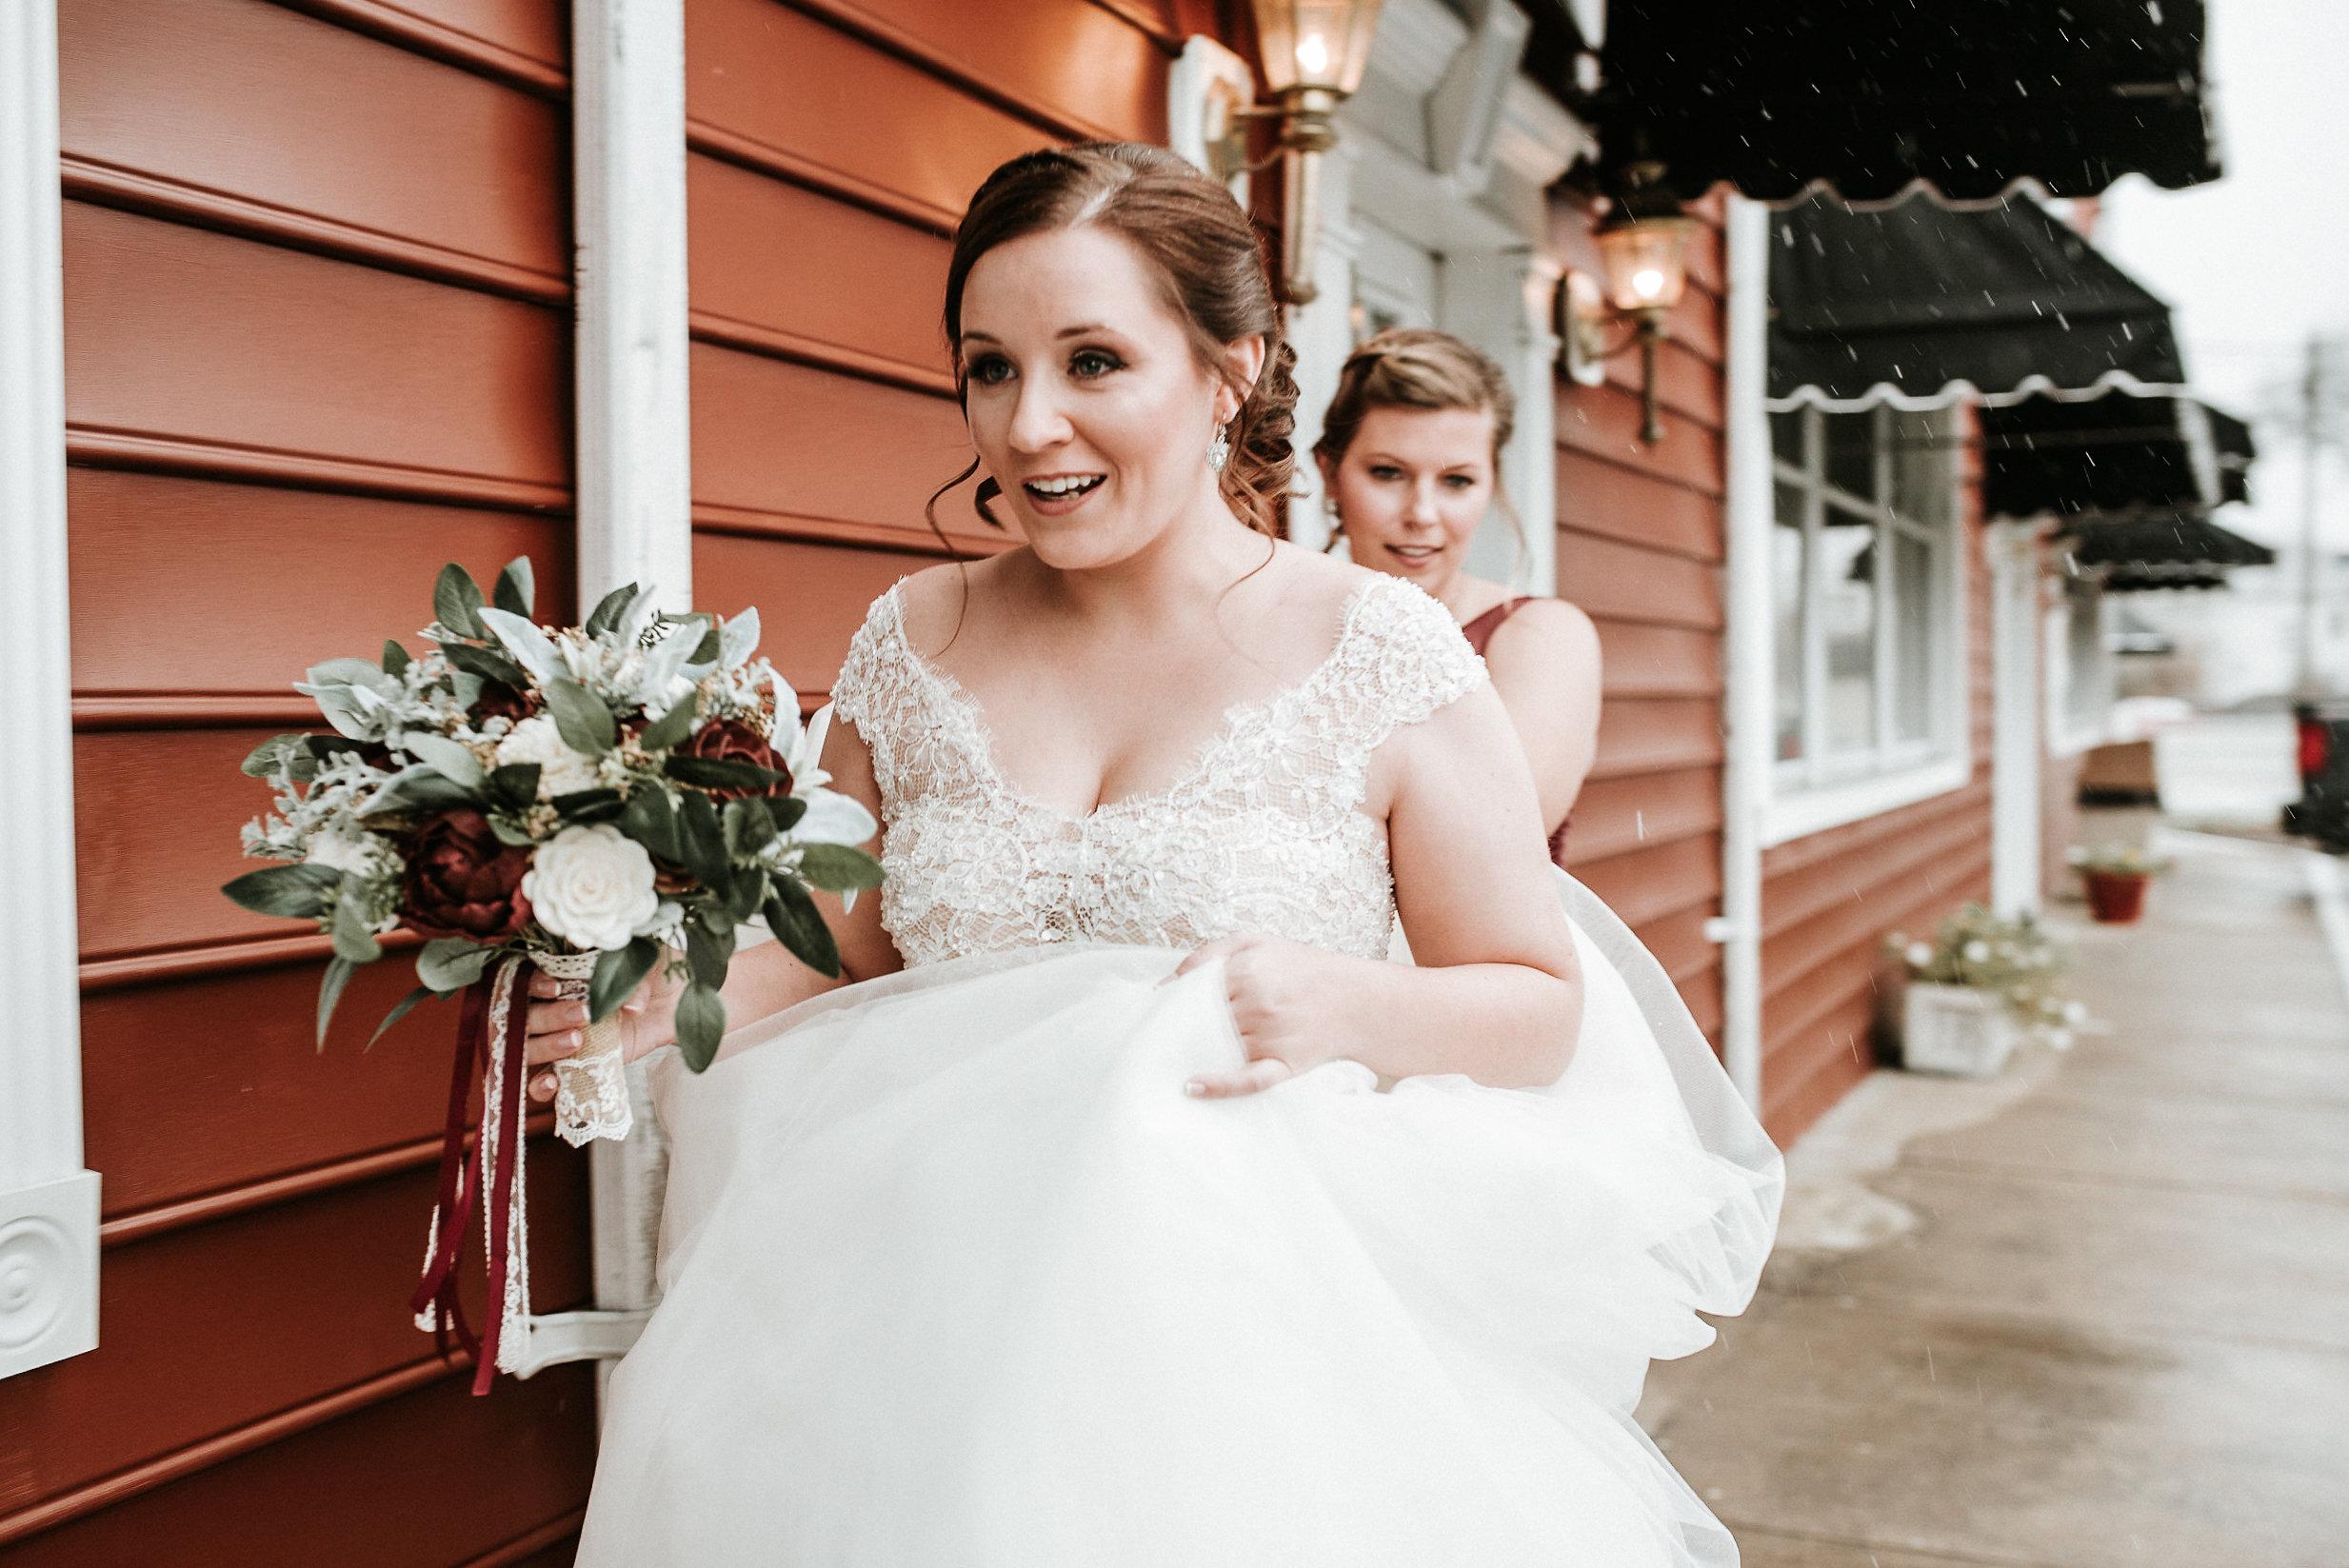 Bride walking under awnings